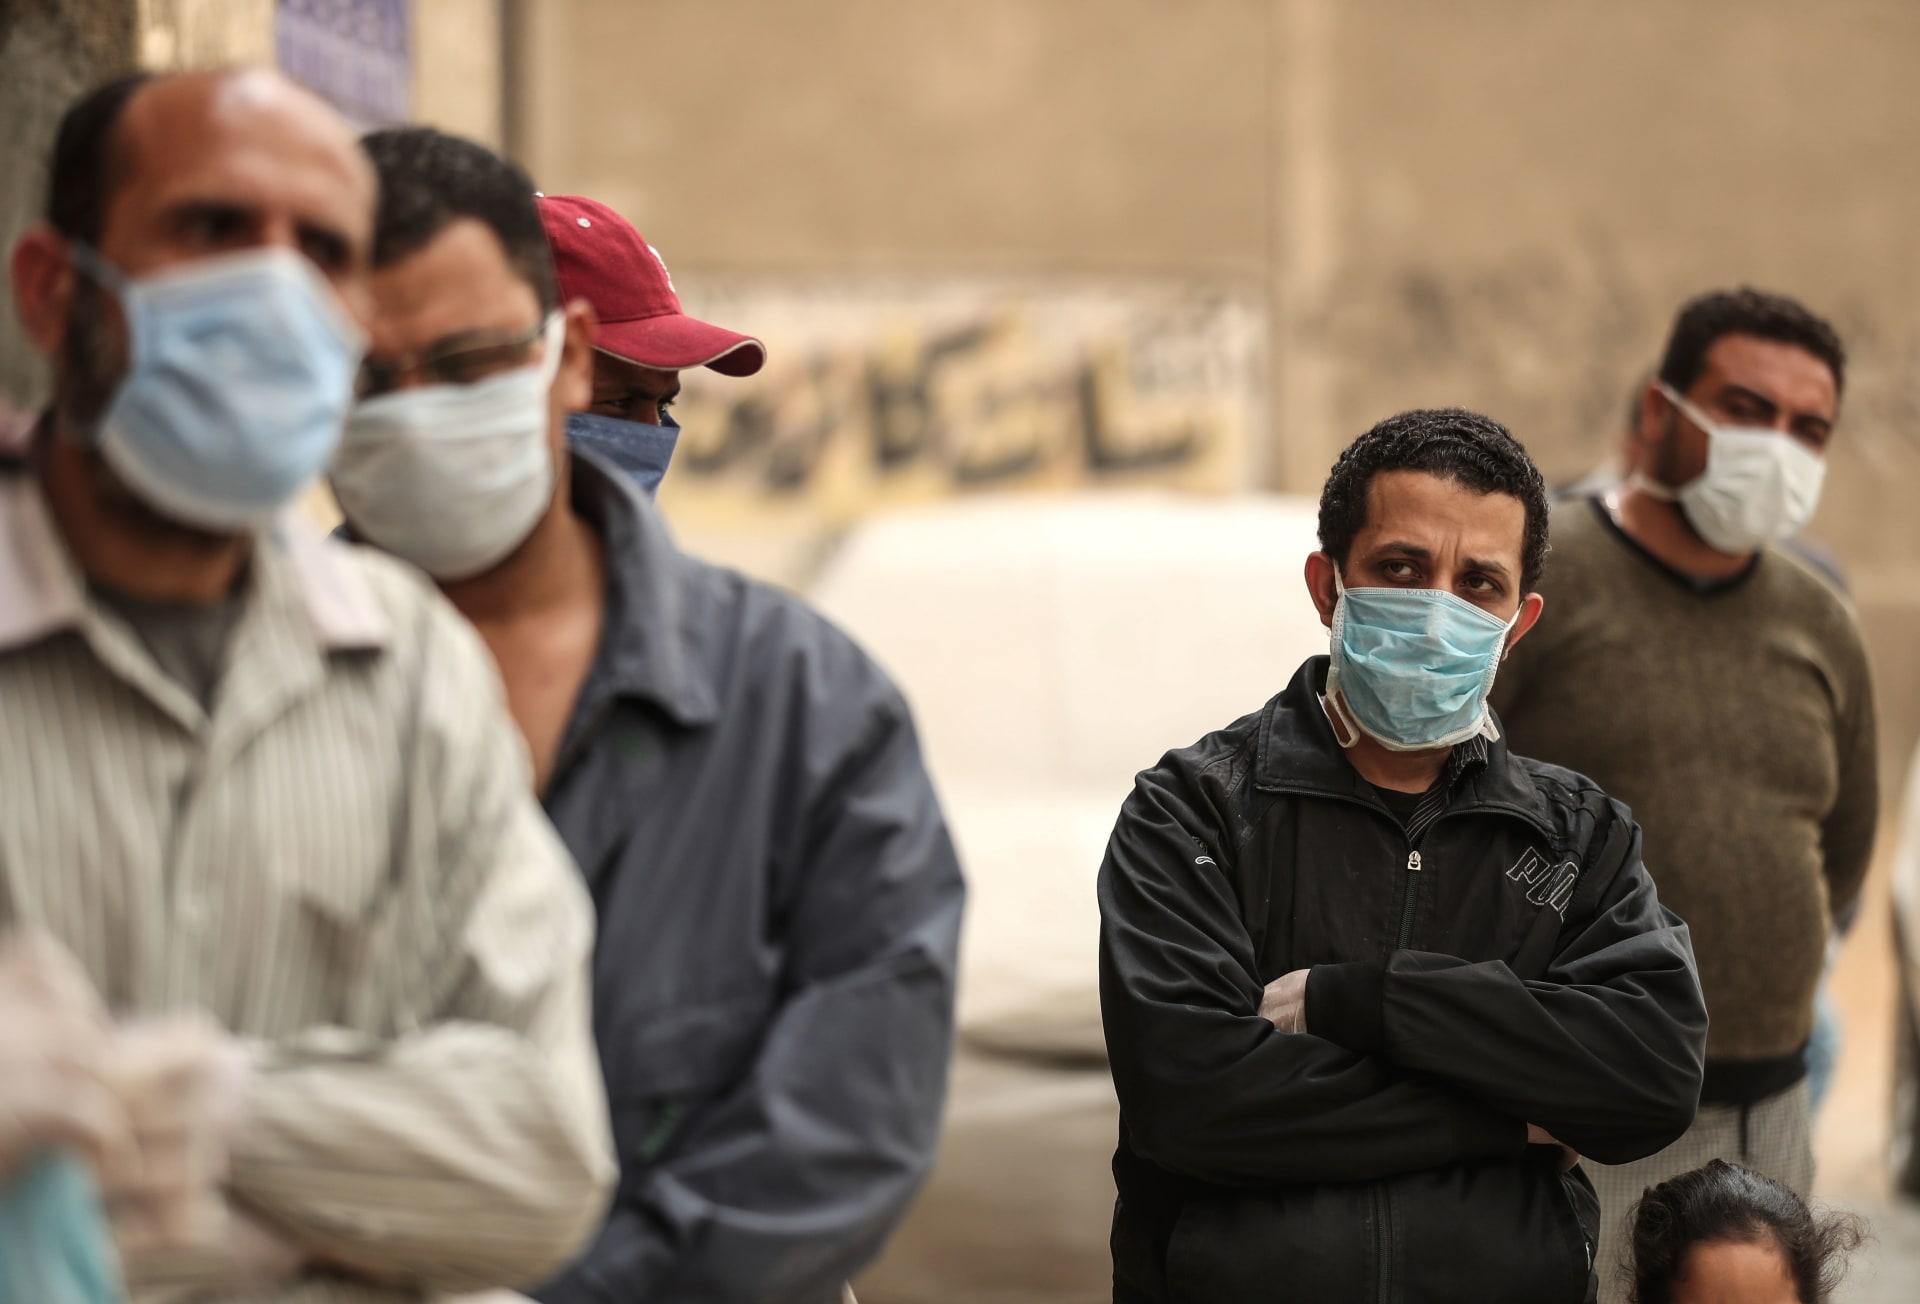 كورونا في مصر.. أعلى معدل يومي للوفيات بـ 17 شخصًا